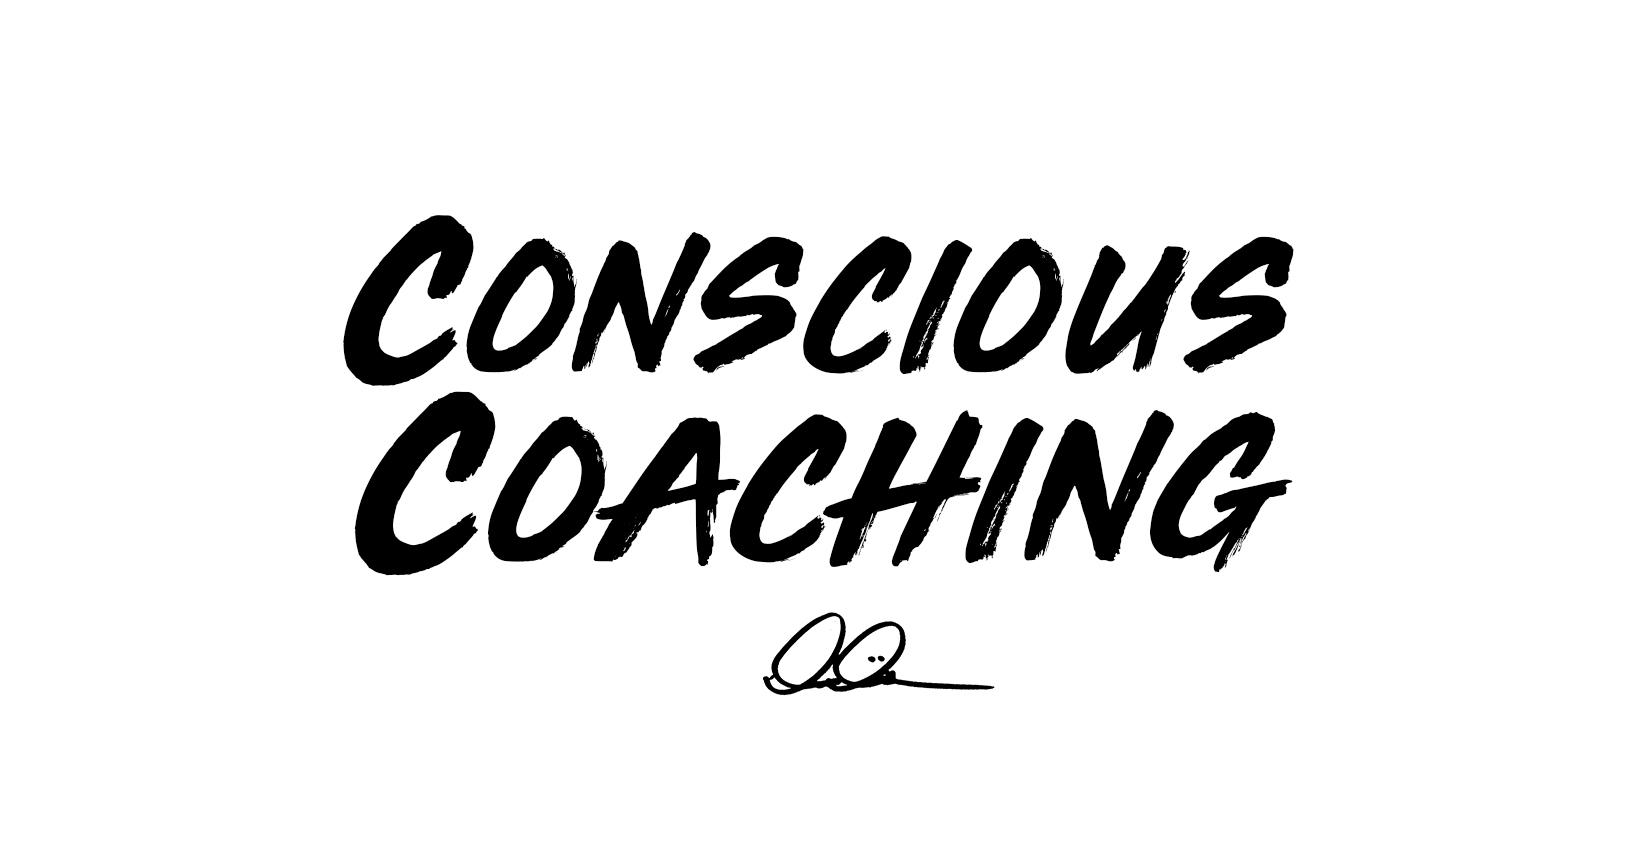 consciouscoaching.jpg